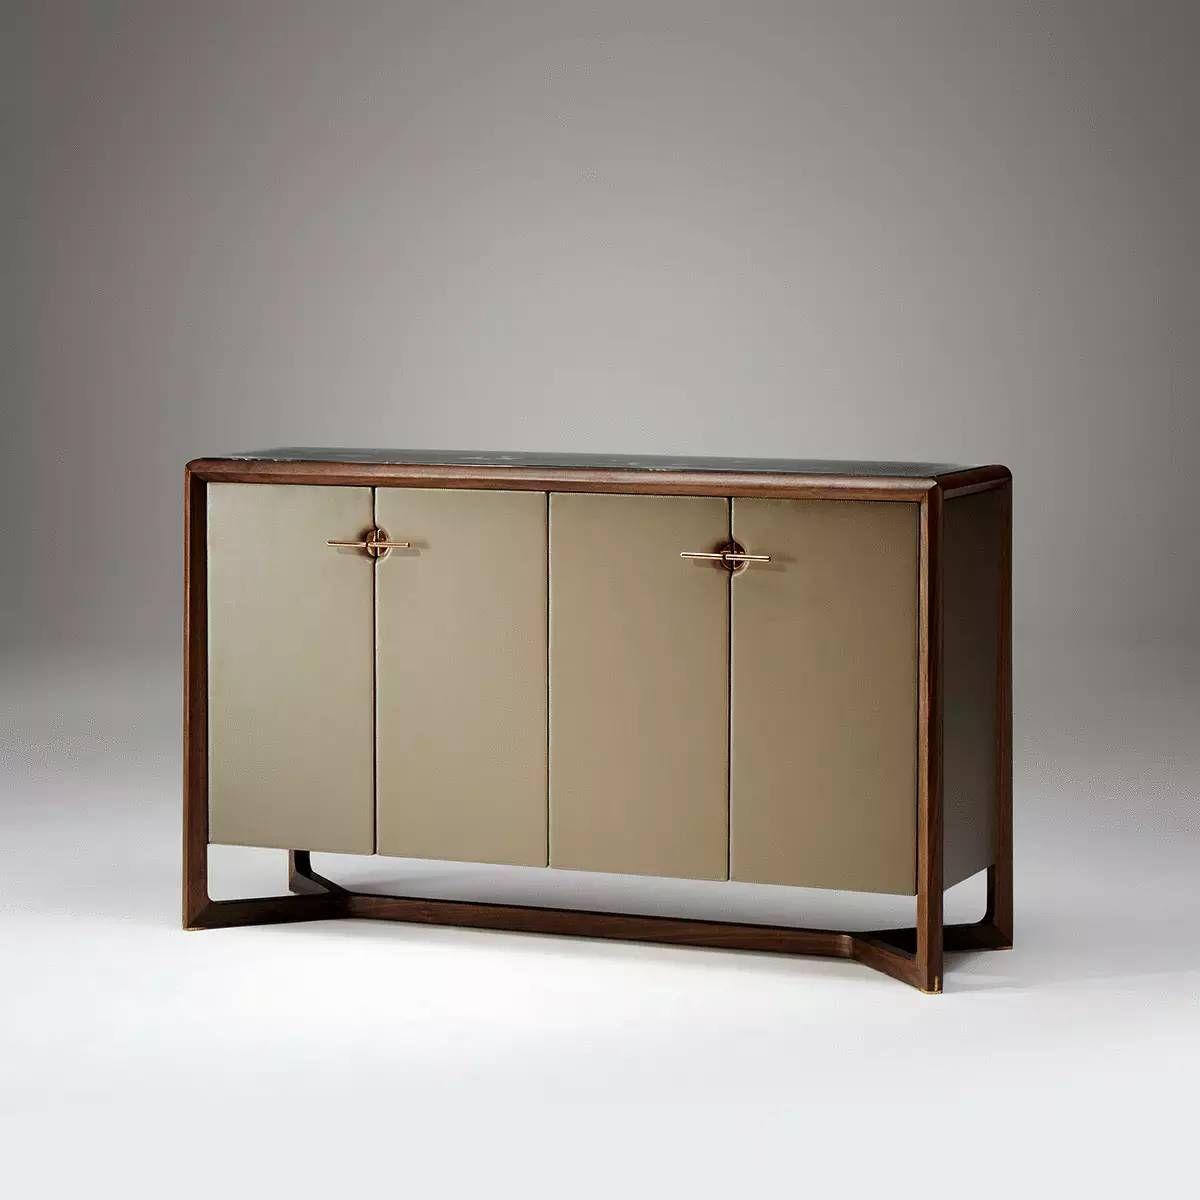 2016 禔 福来见 Sideboard Furniture Elegant Furniture Luxury Sideboard